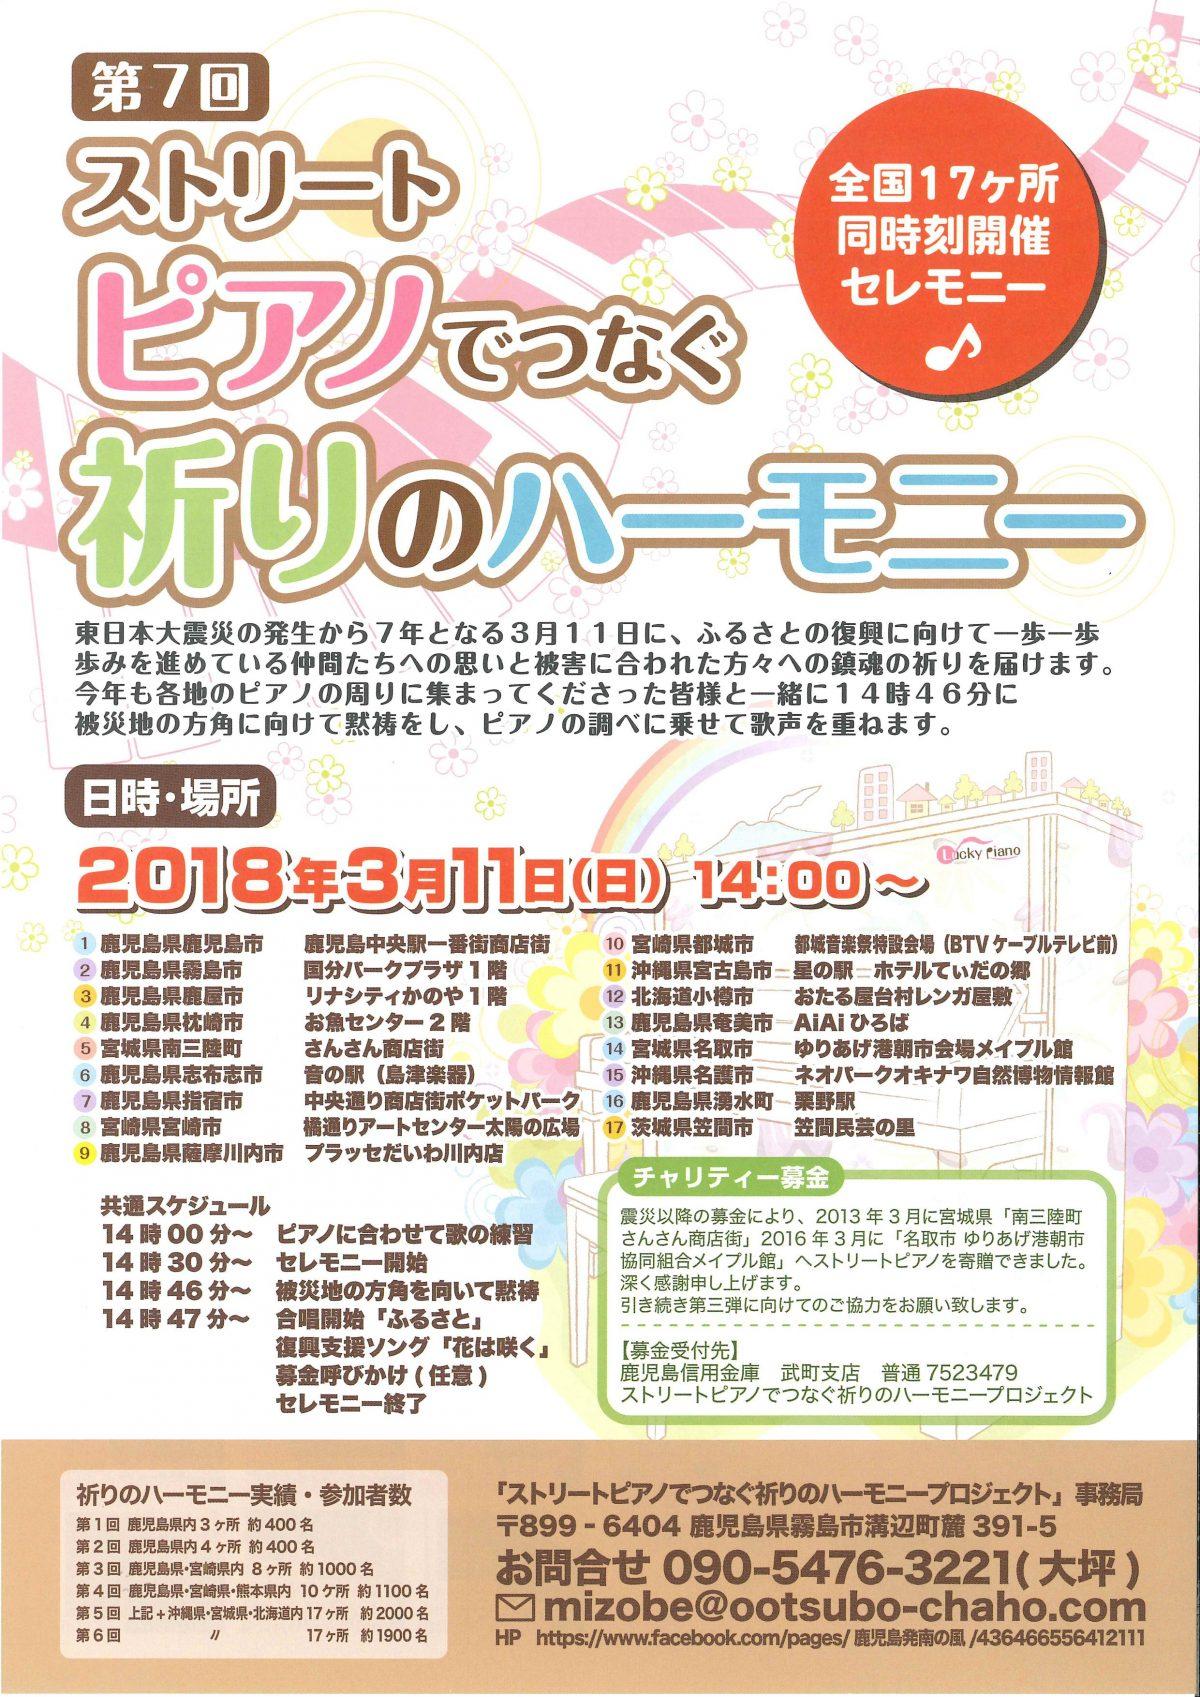 3月10日(土)/11日(日)のイベント・セレモニーについて!